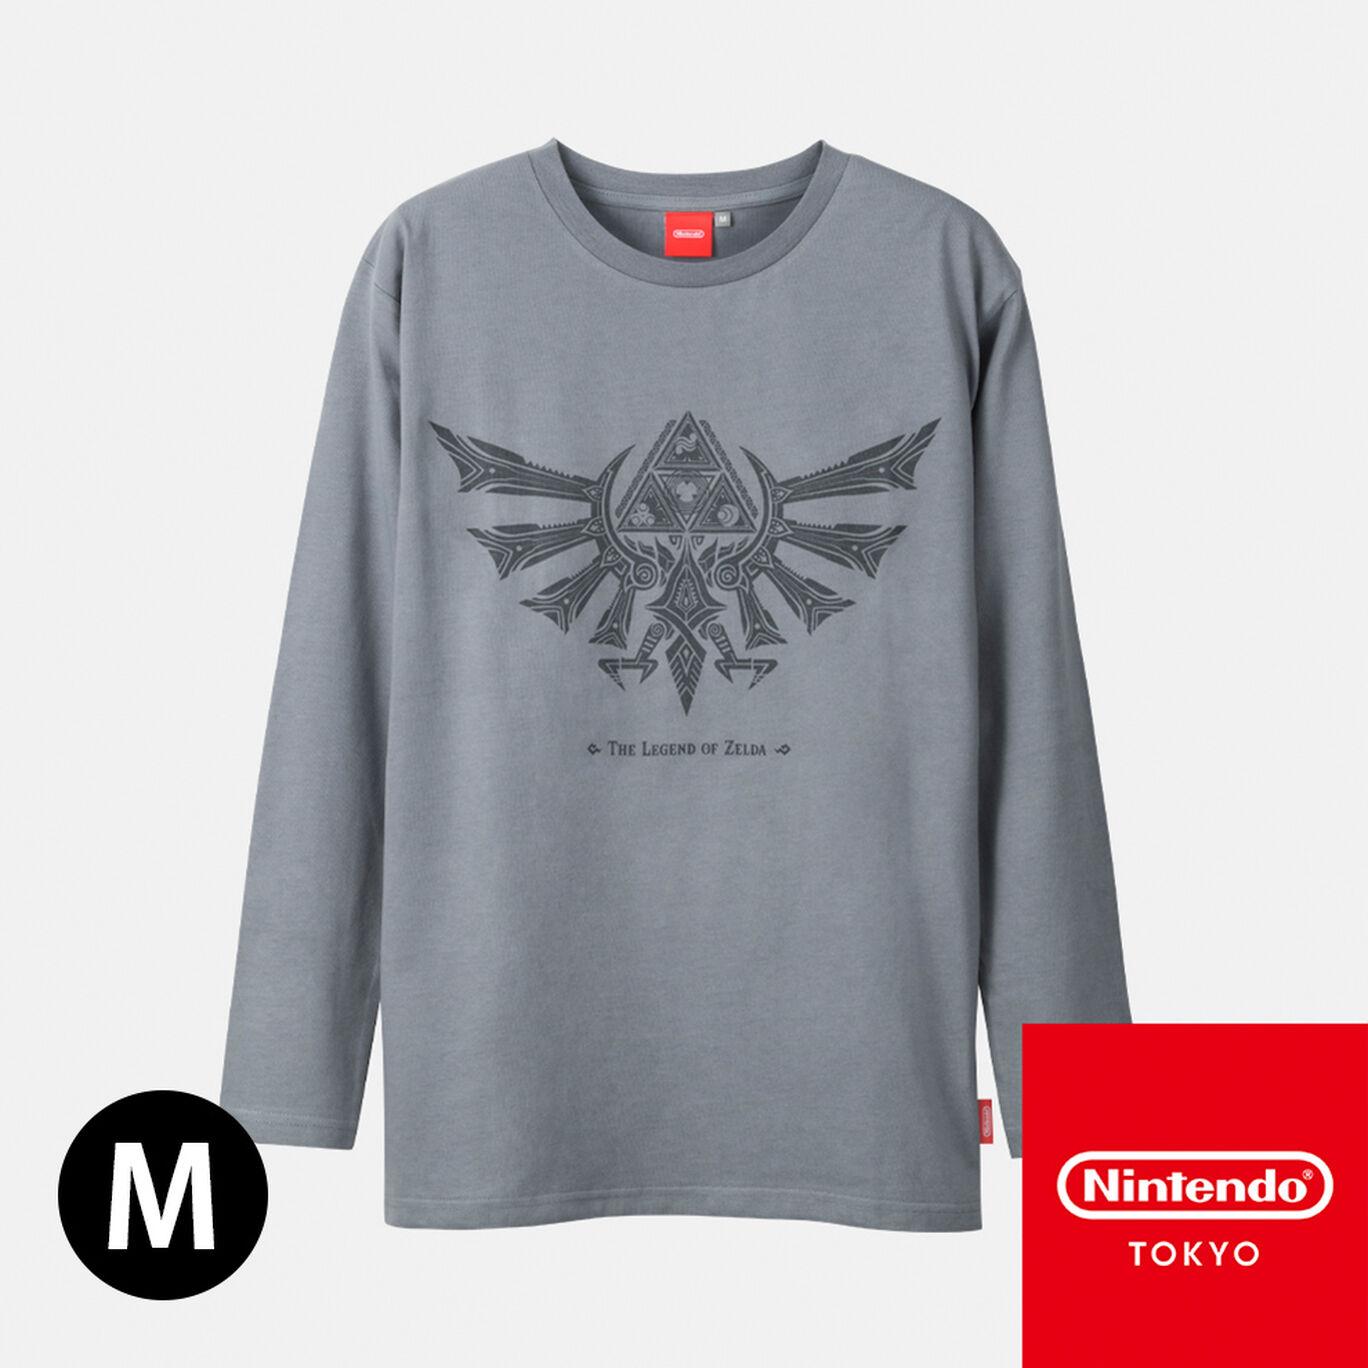 ロンT ゼルダの伝説 M【Nintendo TOKYO取り扱い商品】